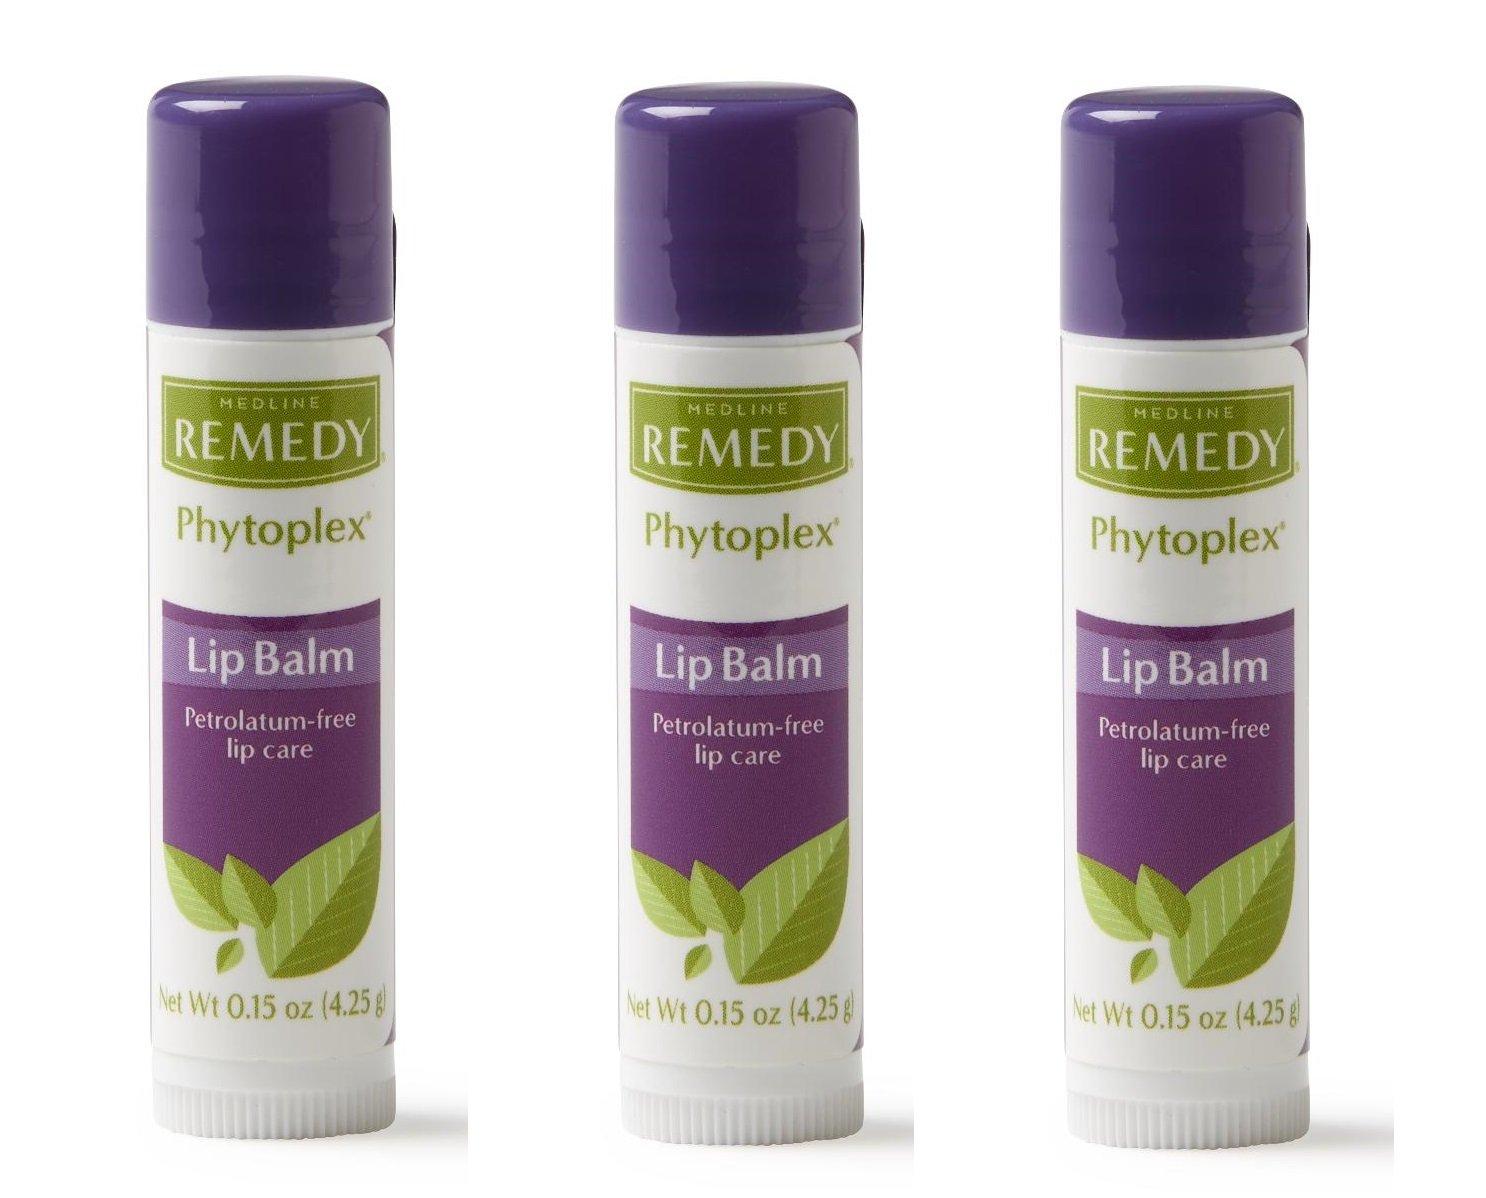 Medline MSC092915H Remedy phytoplex Lip balms (3 Packs) by Medline